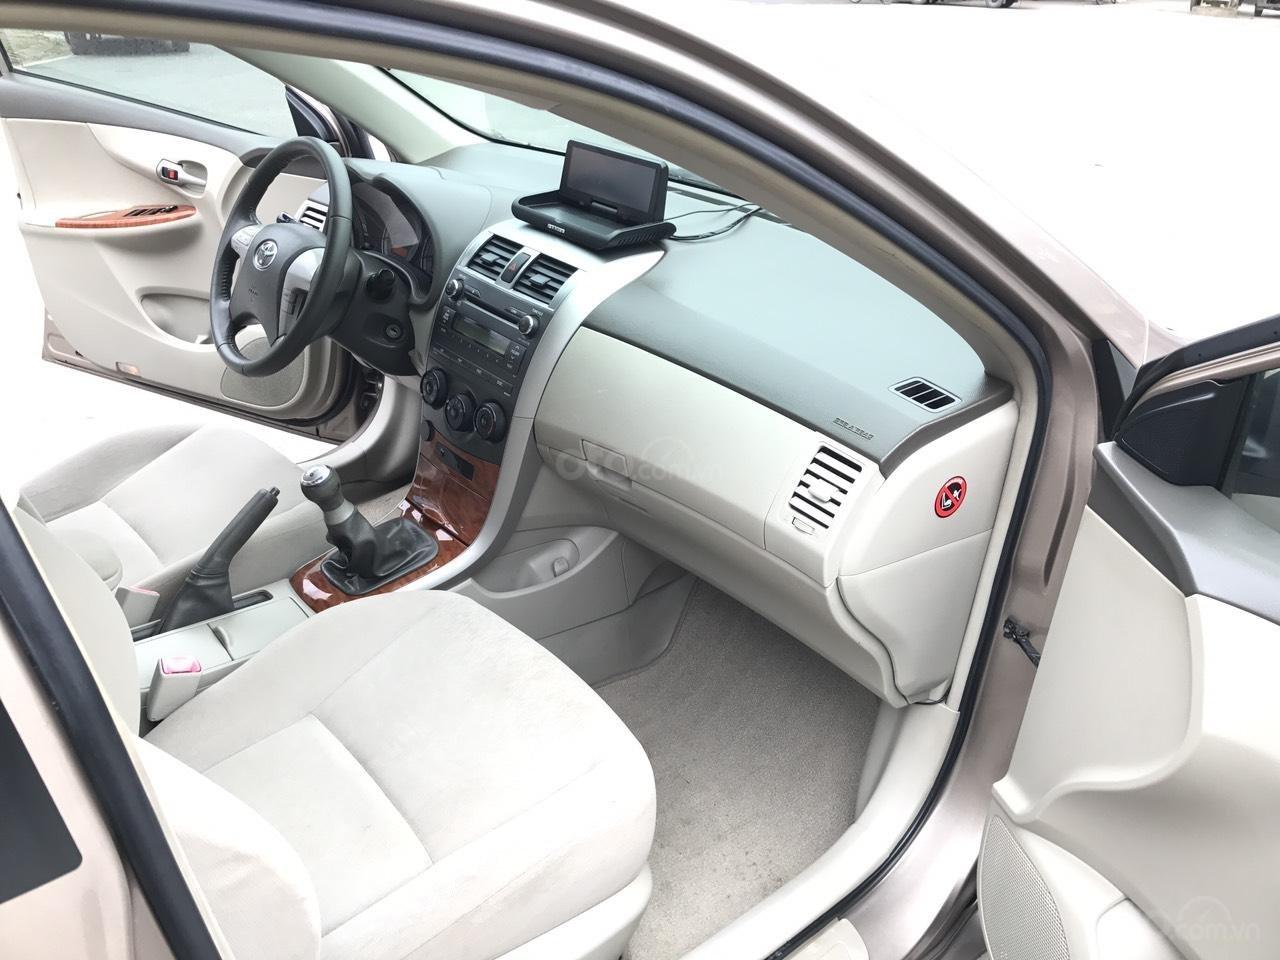 Bán ô tô Toyota Corolla Altis 1.8G năm sản xuất 2009, màu nâu Cafe, 1 chủ biển 4 số mới (7)